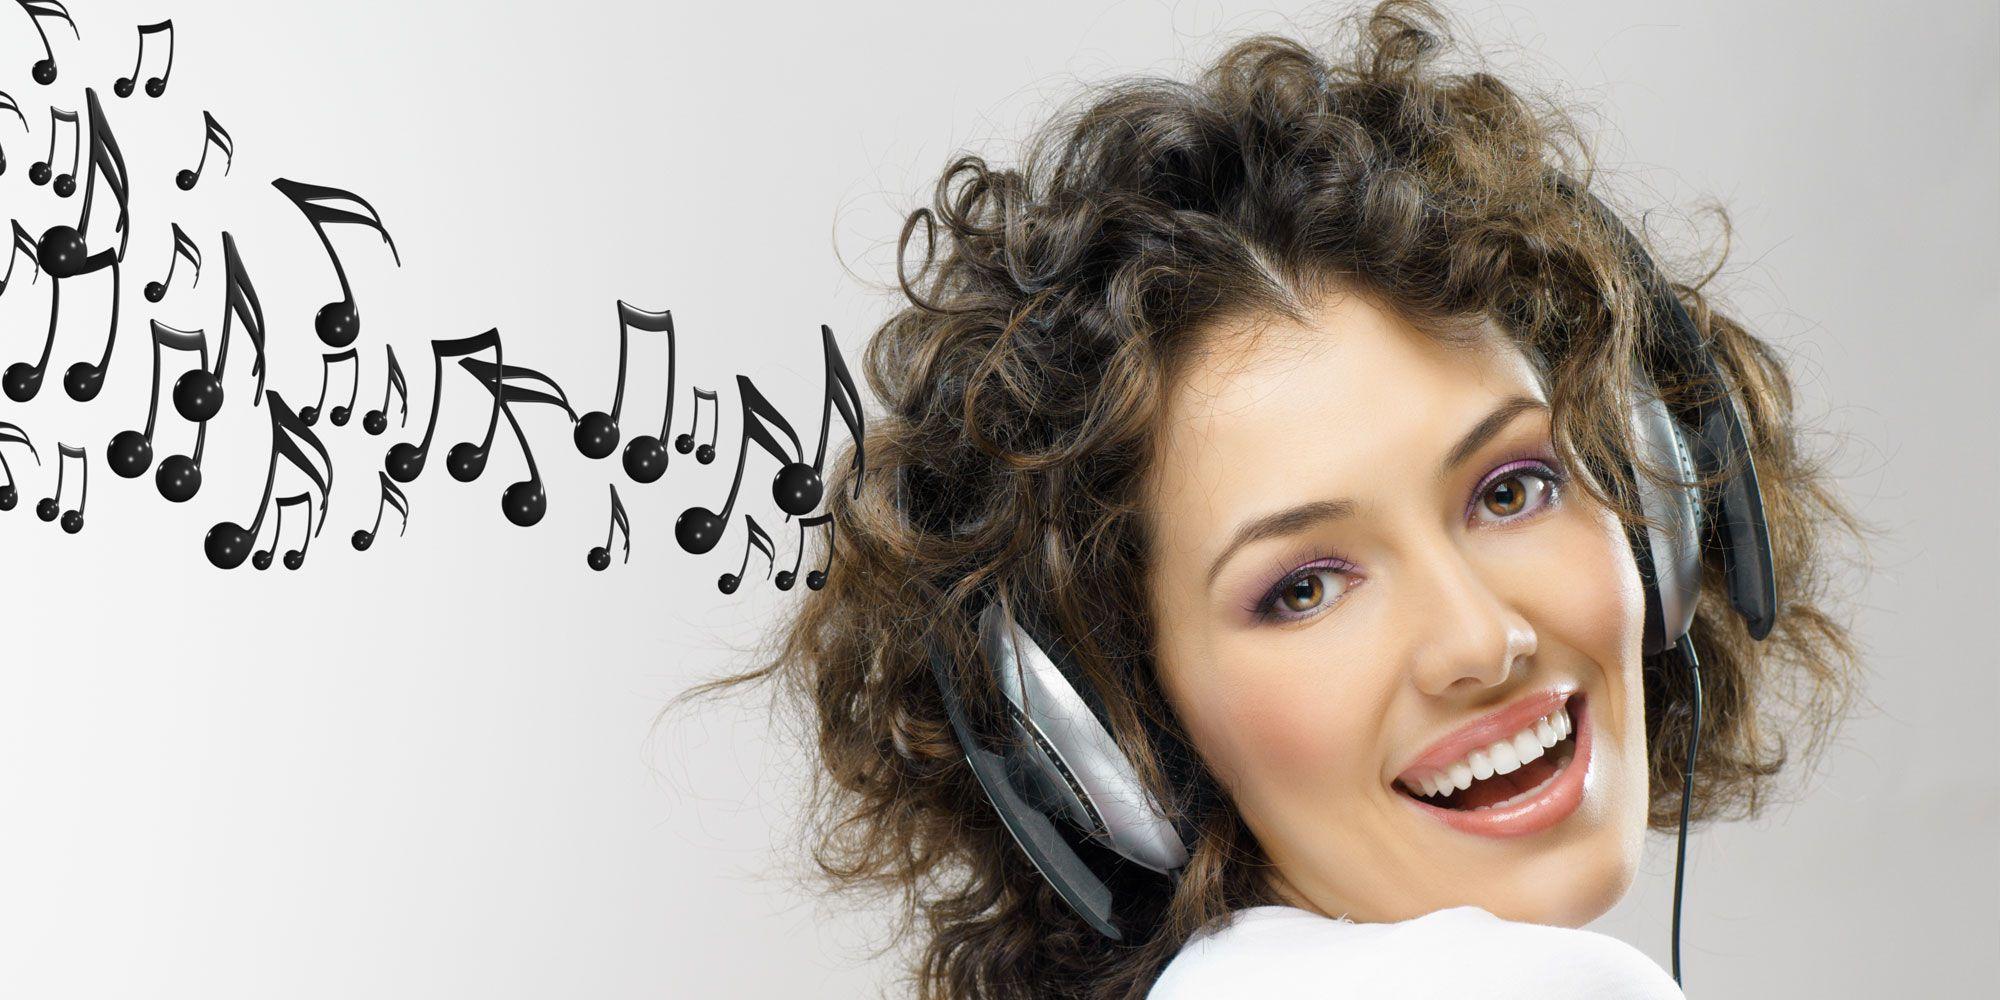 Люди слушают музыку